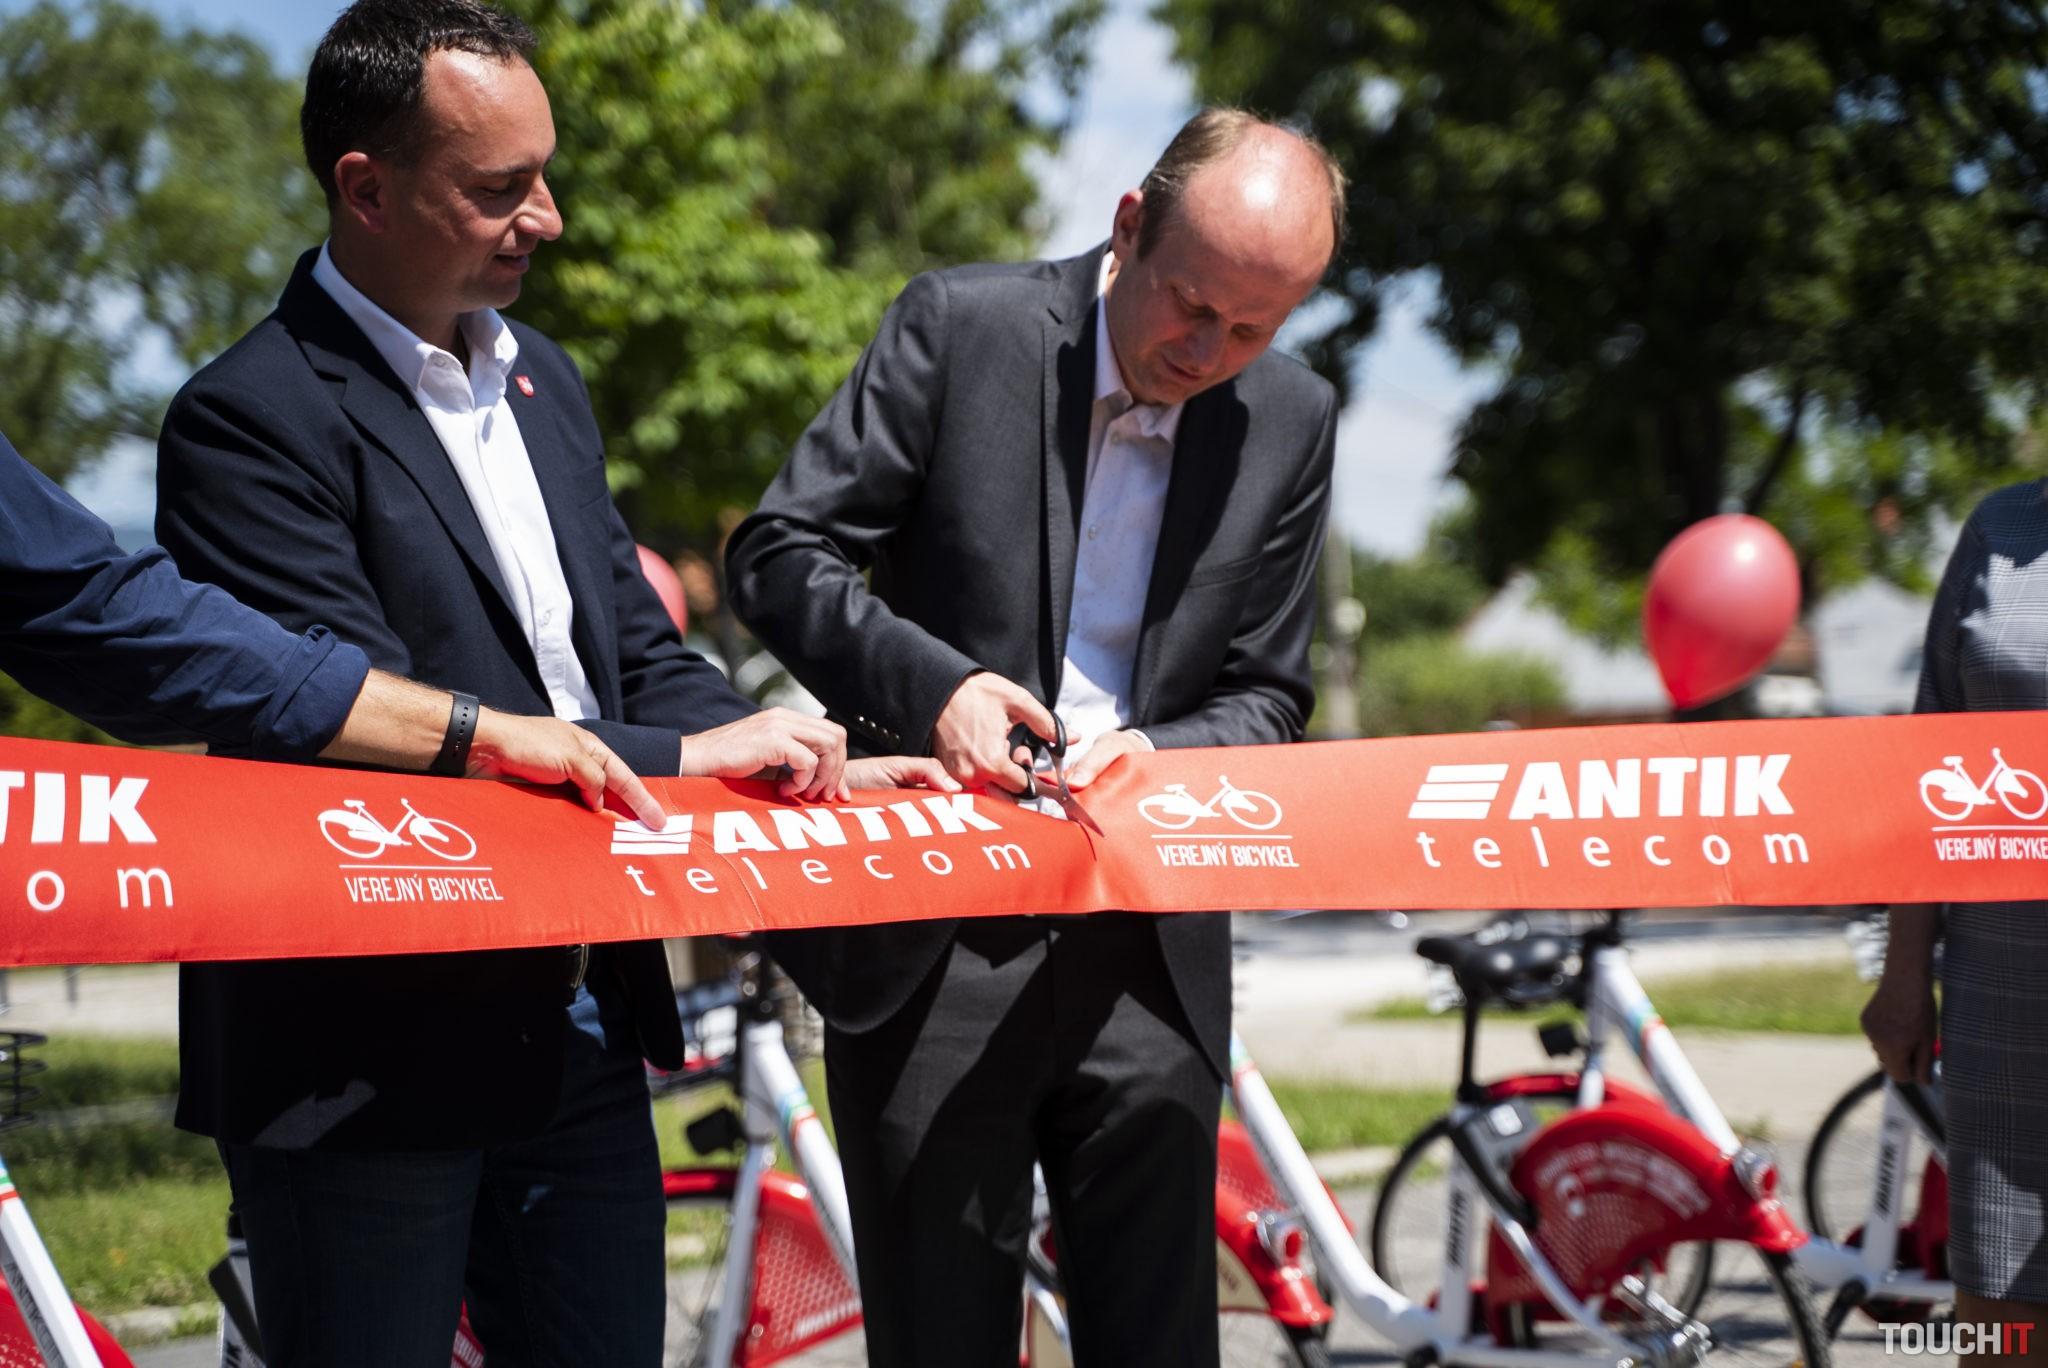 Slávnostné uvedenie mestskej časti Vajnory do služby Verejný bicykel